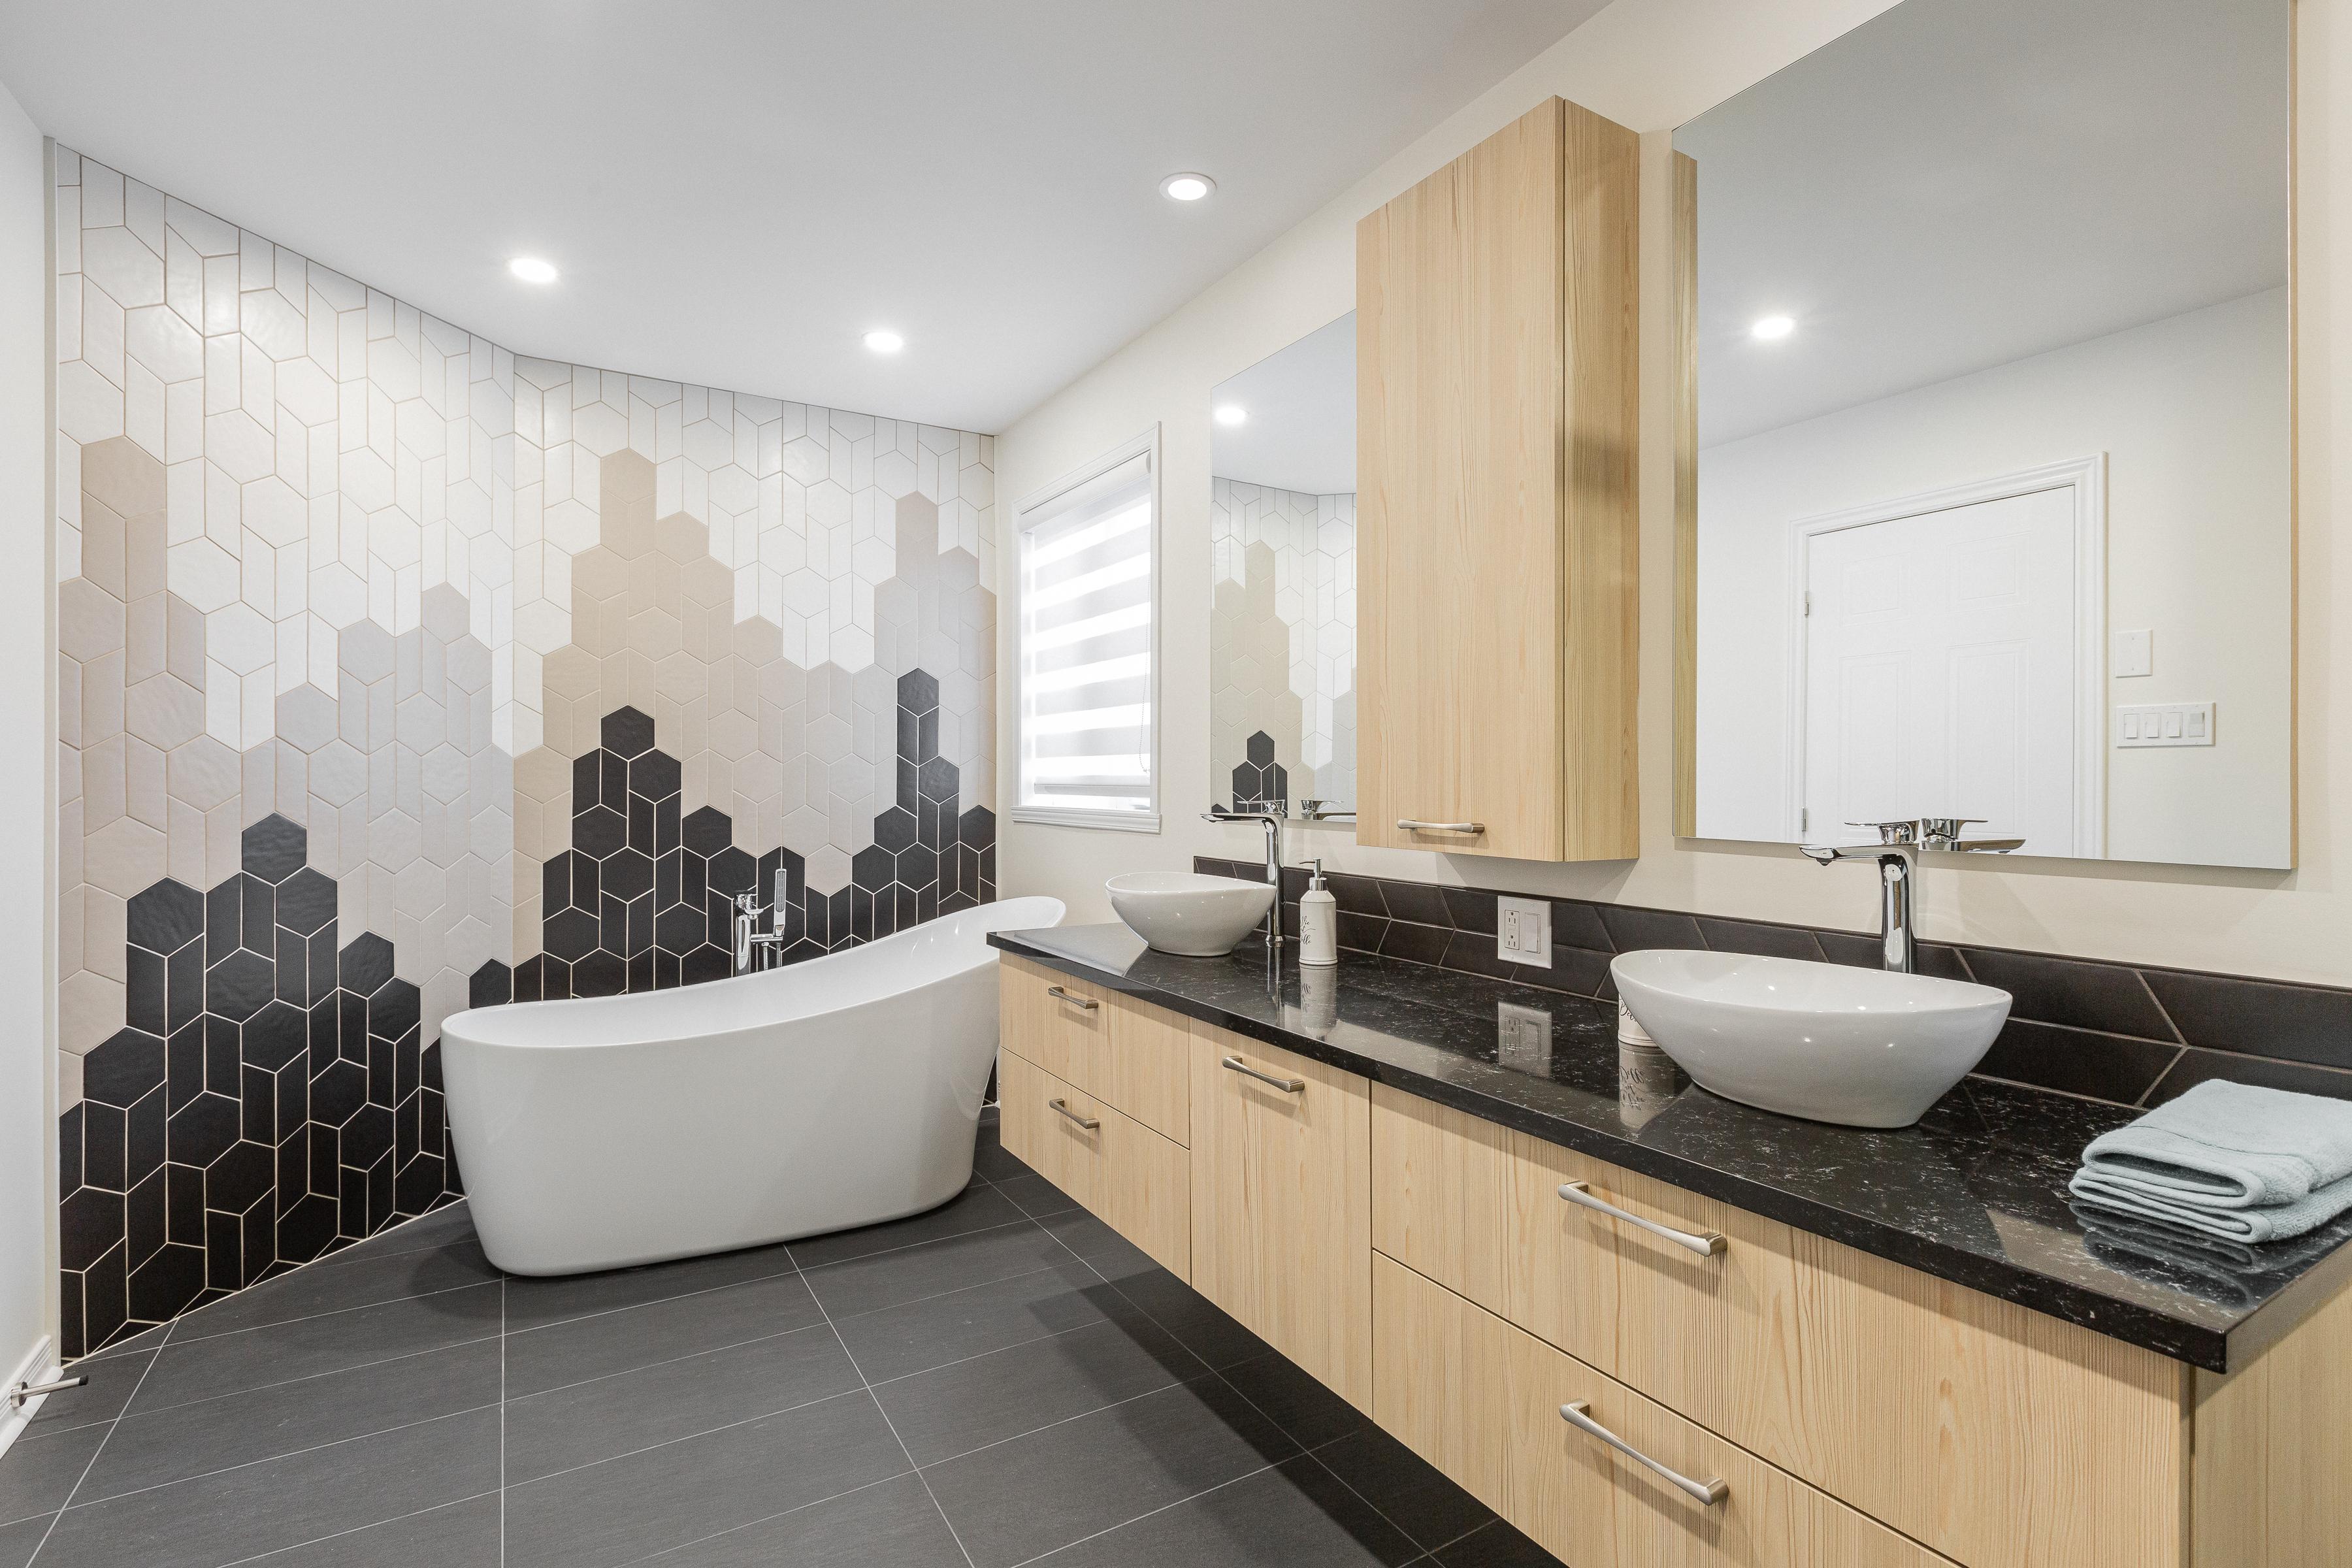 salle de bain rénovée de style moderne avec baignoire autoportante, mur de tuiles géométriques et grande vanité